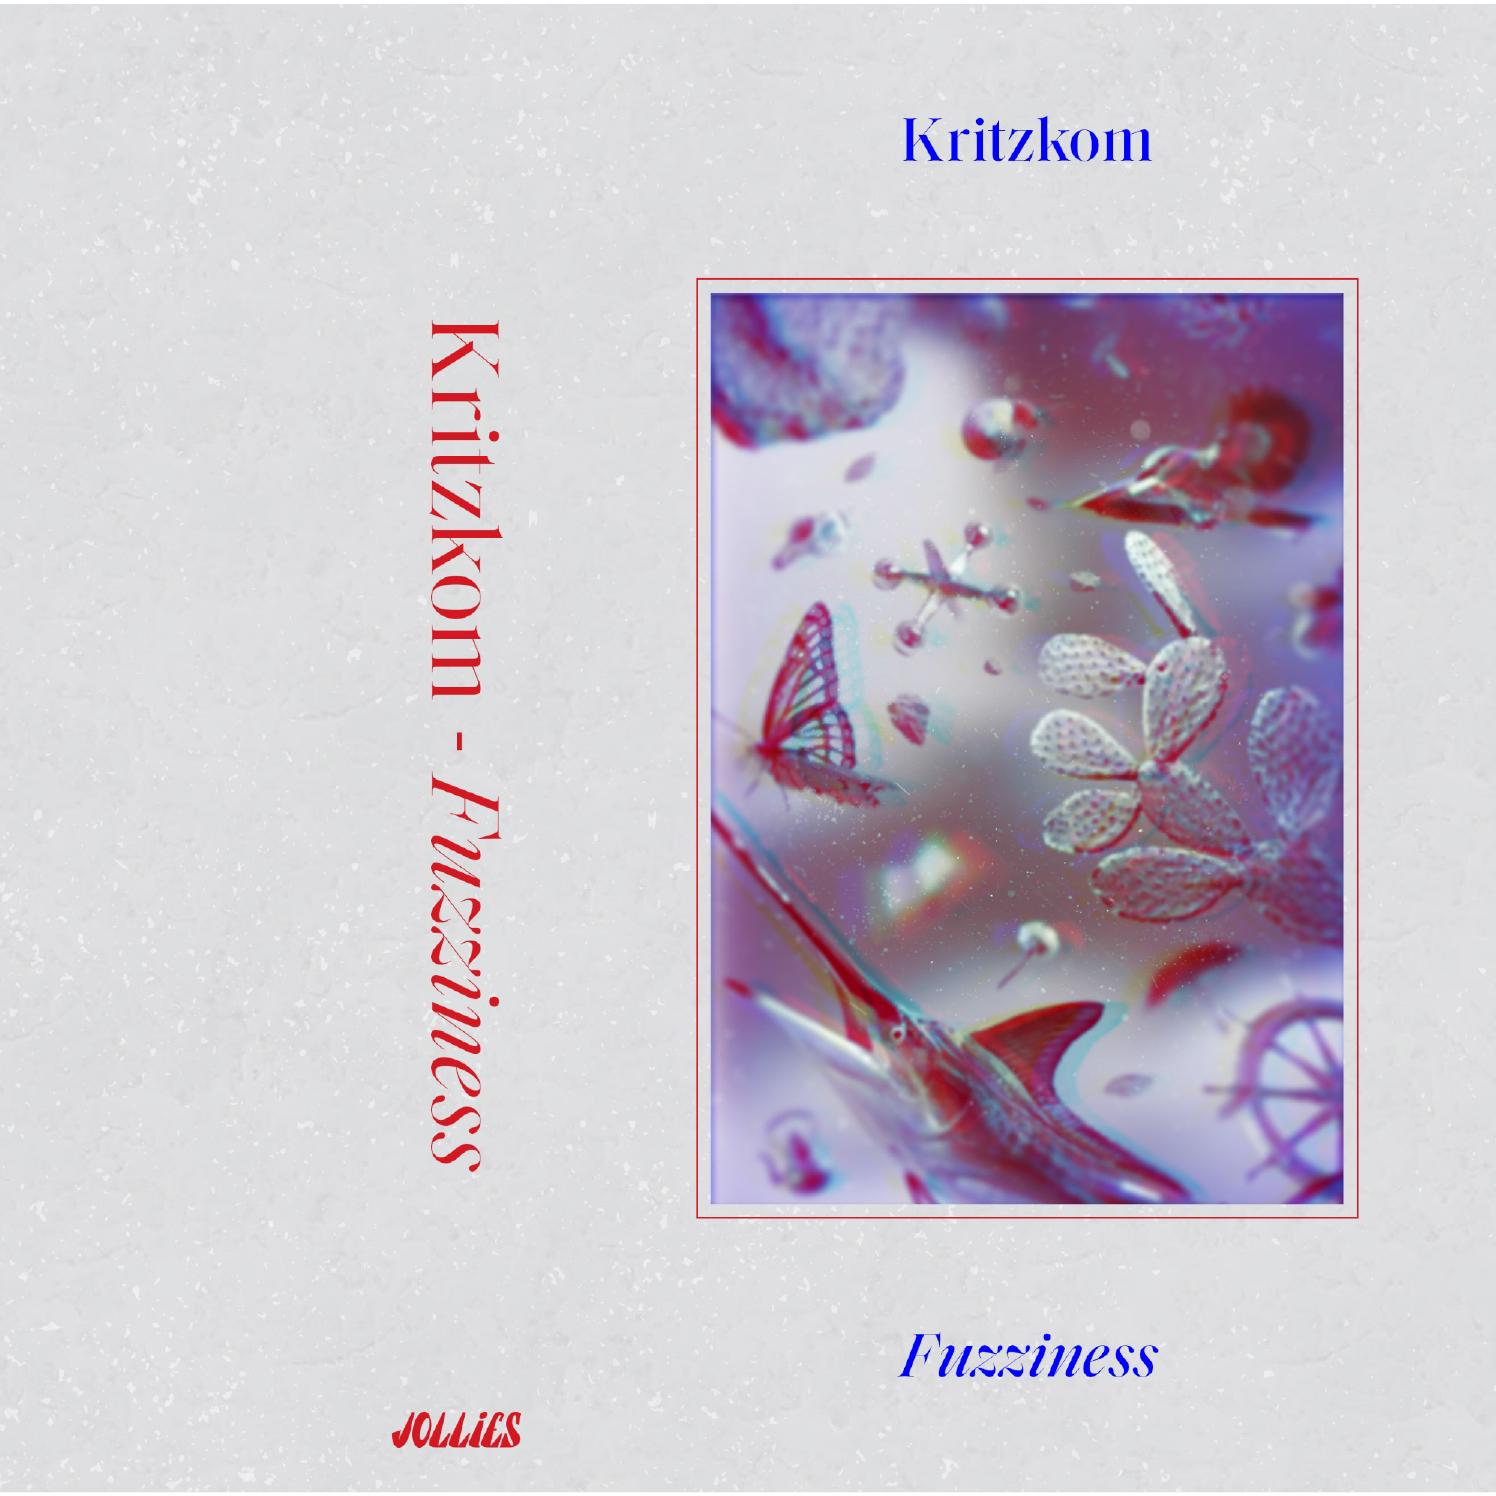 Kritzkom dévoile son nouvel album, Fuzziness, sur le label New Yorkais Jollies